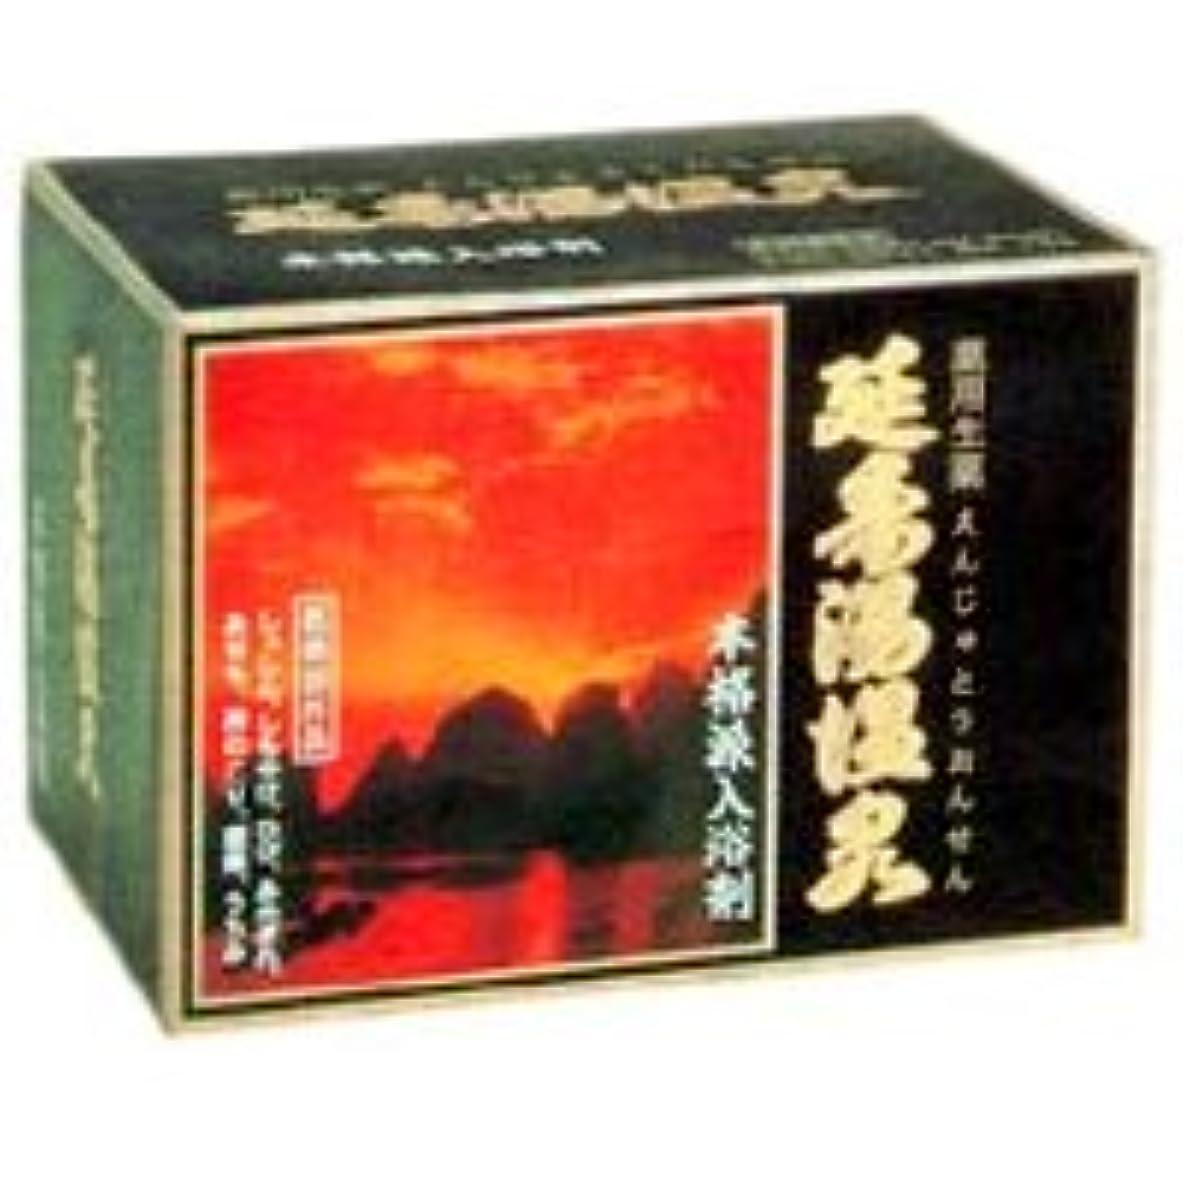 大きさ経済的葉入浴剤 延寿湯温泉(えんじゅとう)12包入×3箱+5包おまけ 天然生薬配合 医薬部外品